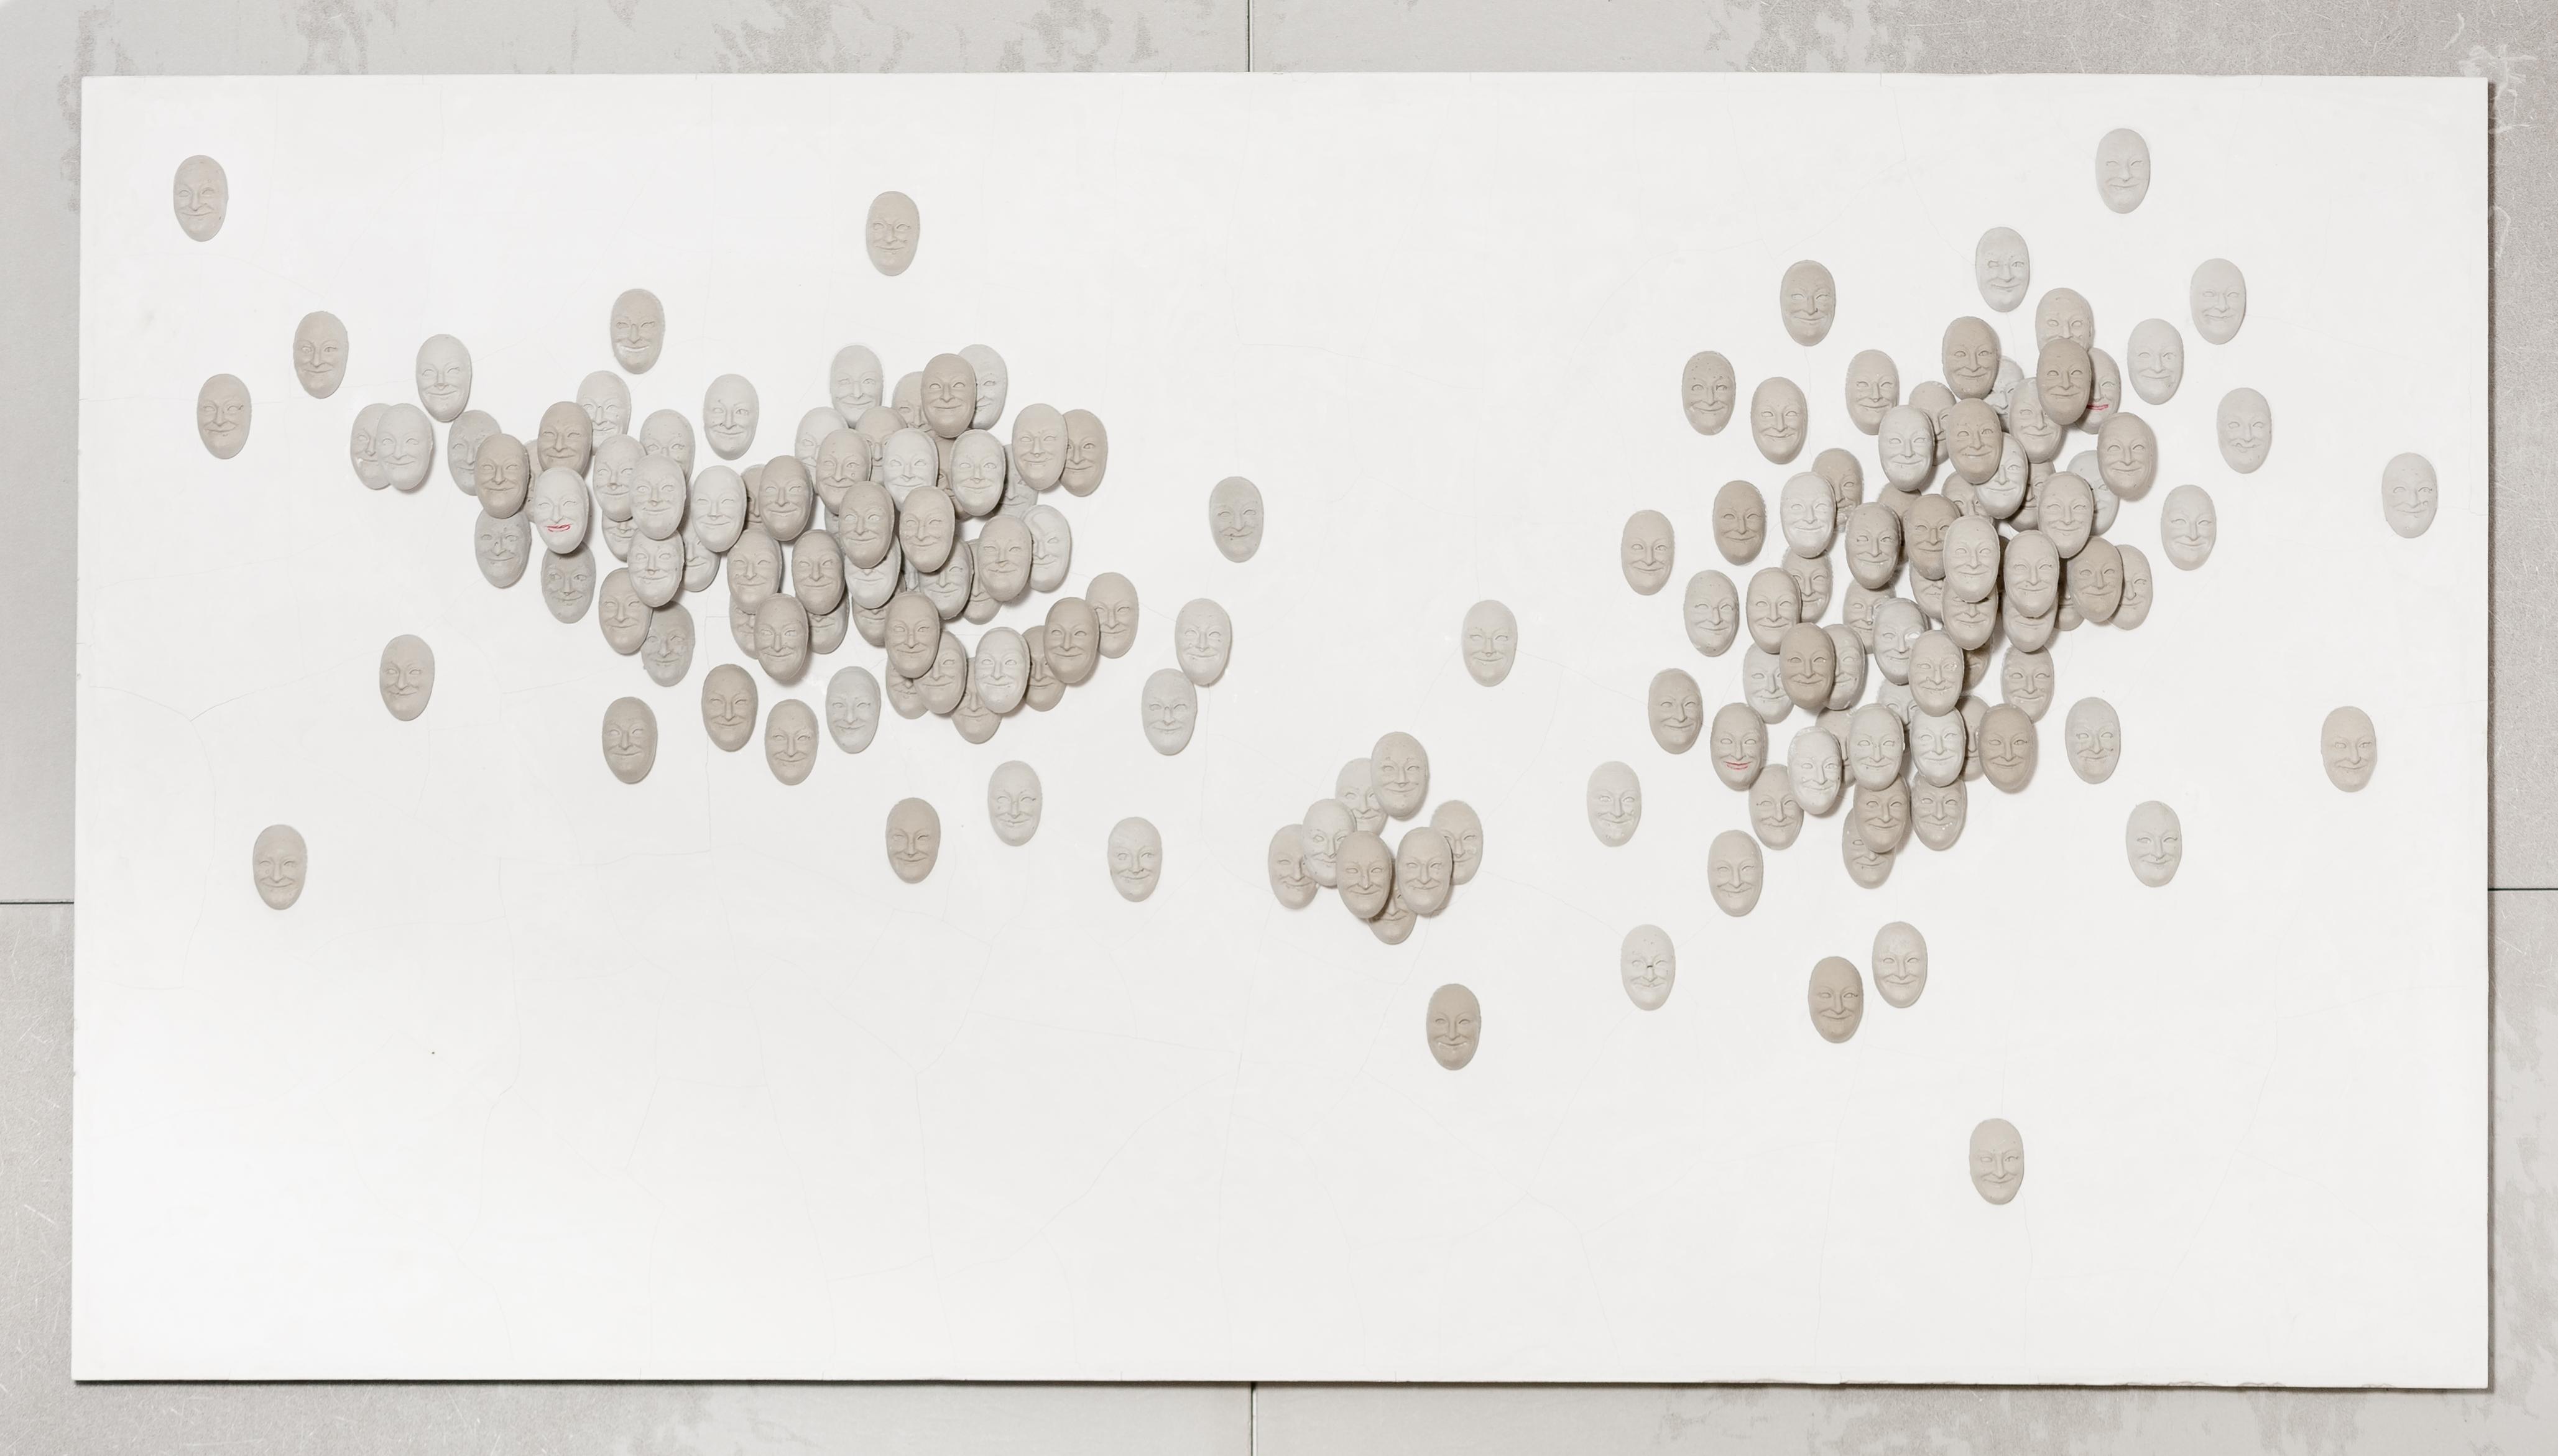 Robert Schrempp/Beton/Fasnet Wolfach/Maske/